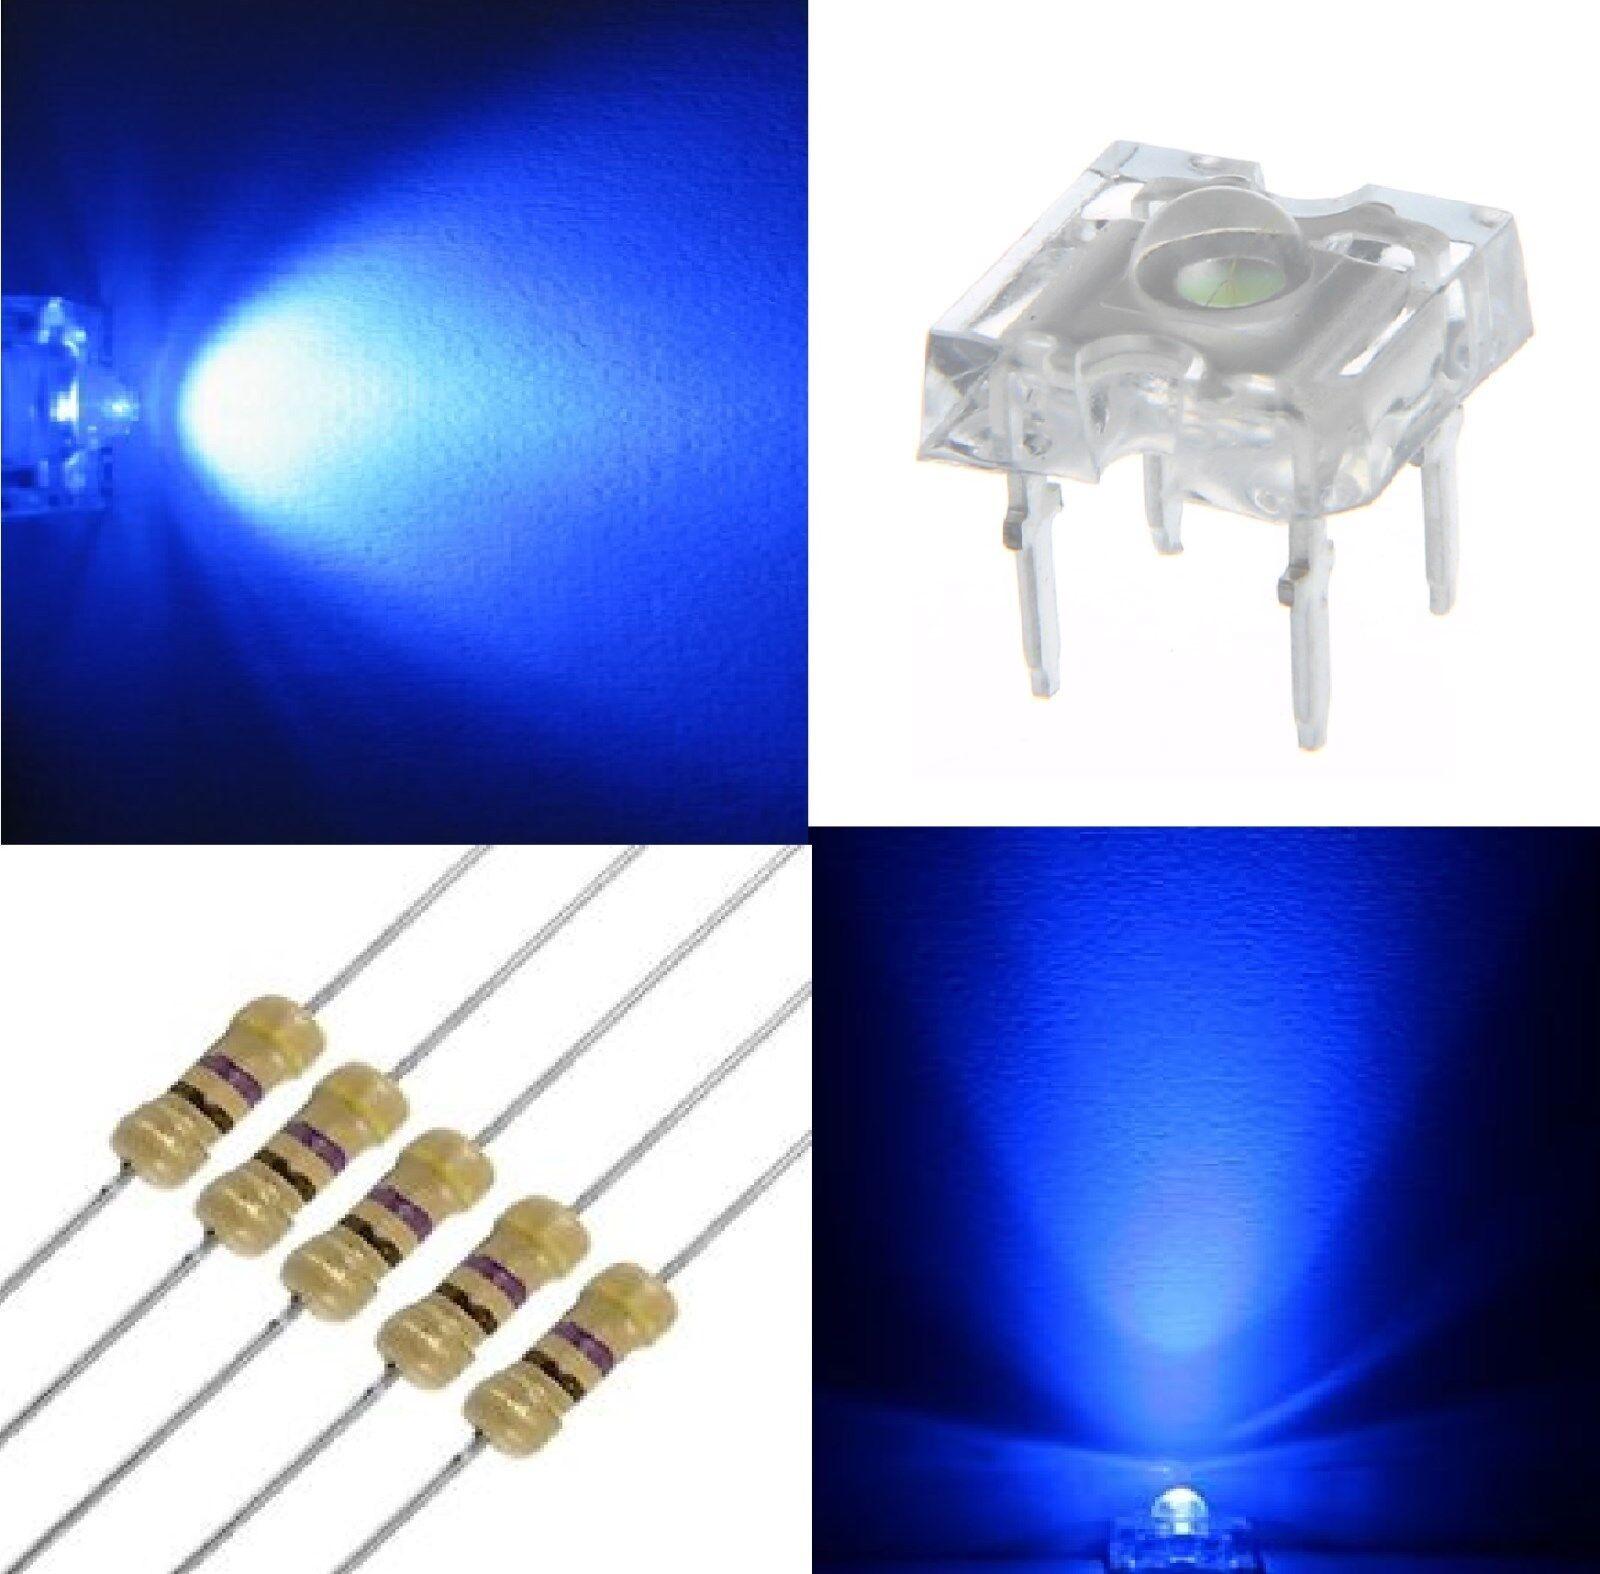 200 diodi led PIRANHA PIRANHA PIRANHA SUPERFLUX 5 mm blu + 200 resistenze 1 4W 470 OHM b61c65